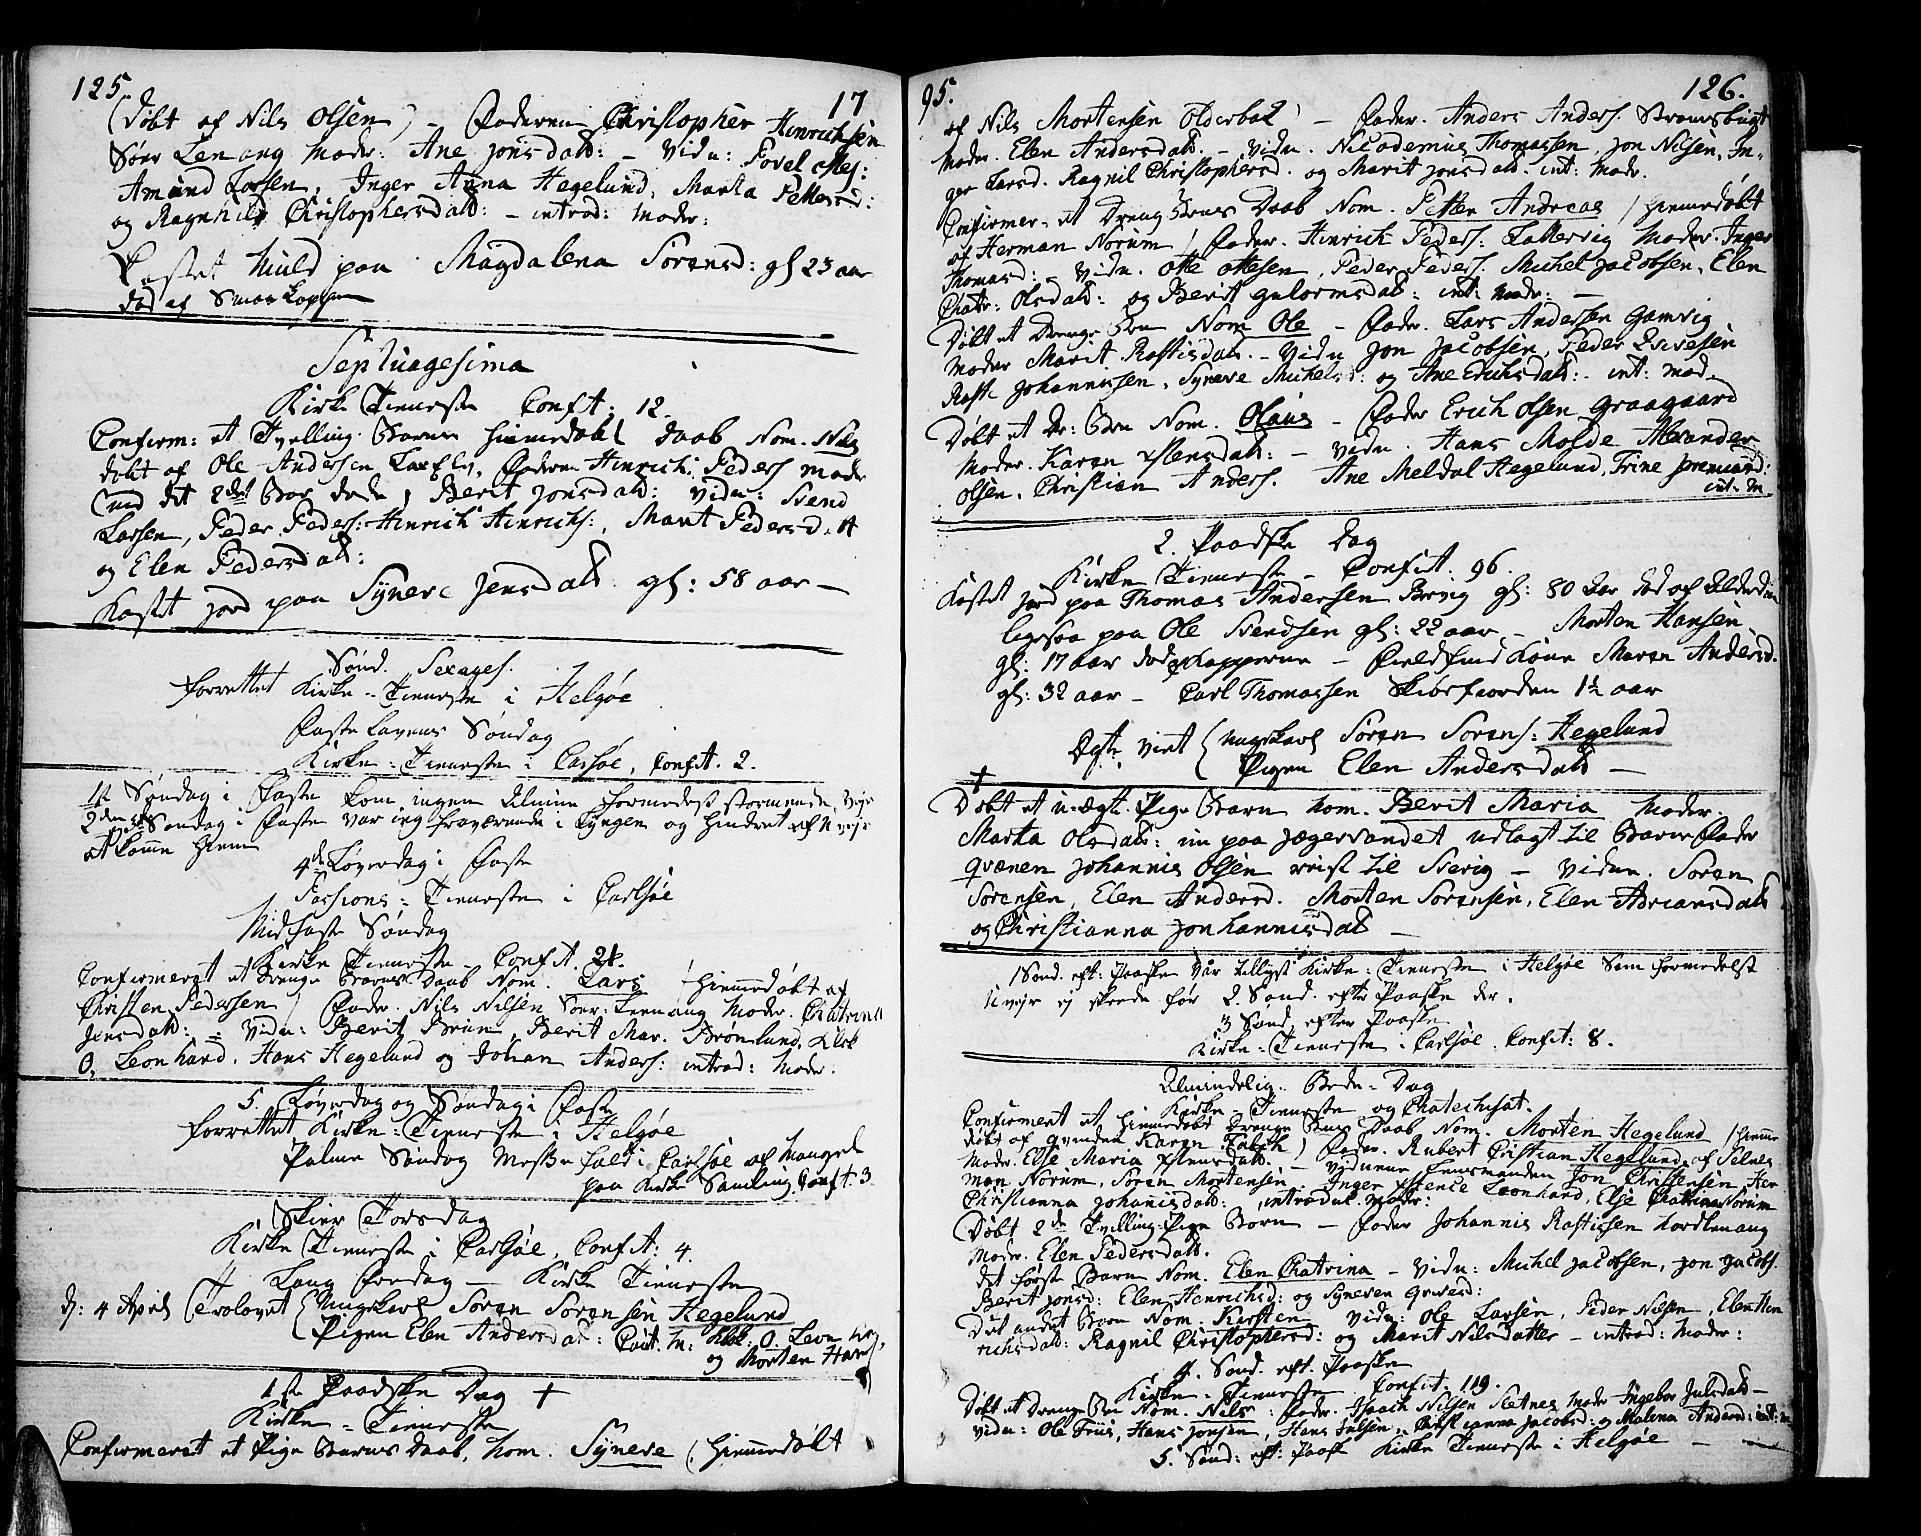 SATØ, Karlsøy sokneprestembete, Ministerialbok nr. 1, 1775-1823, s. 125-126